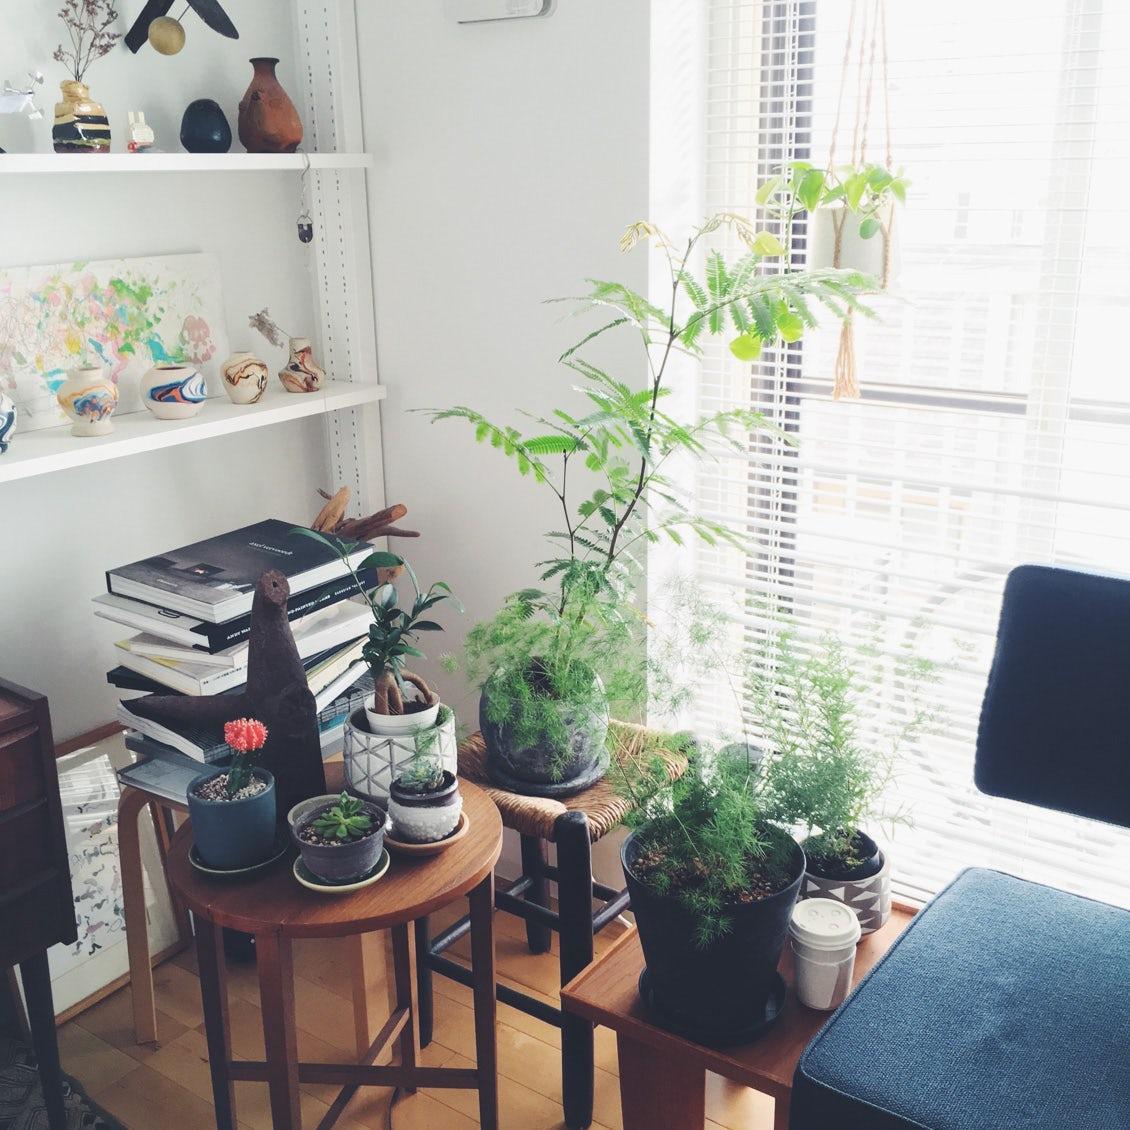 """【今日のクラシコム 】見て、育てて癒される。""""愛しの植物"""" 教えてください。"""